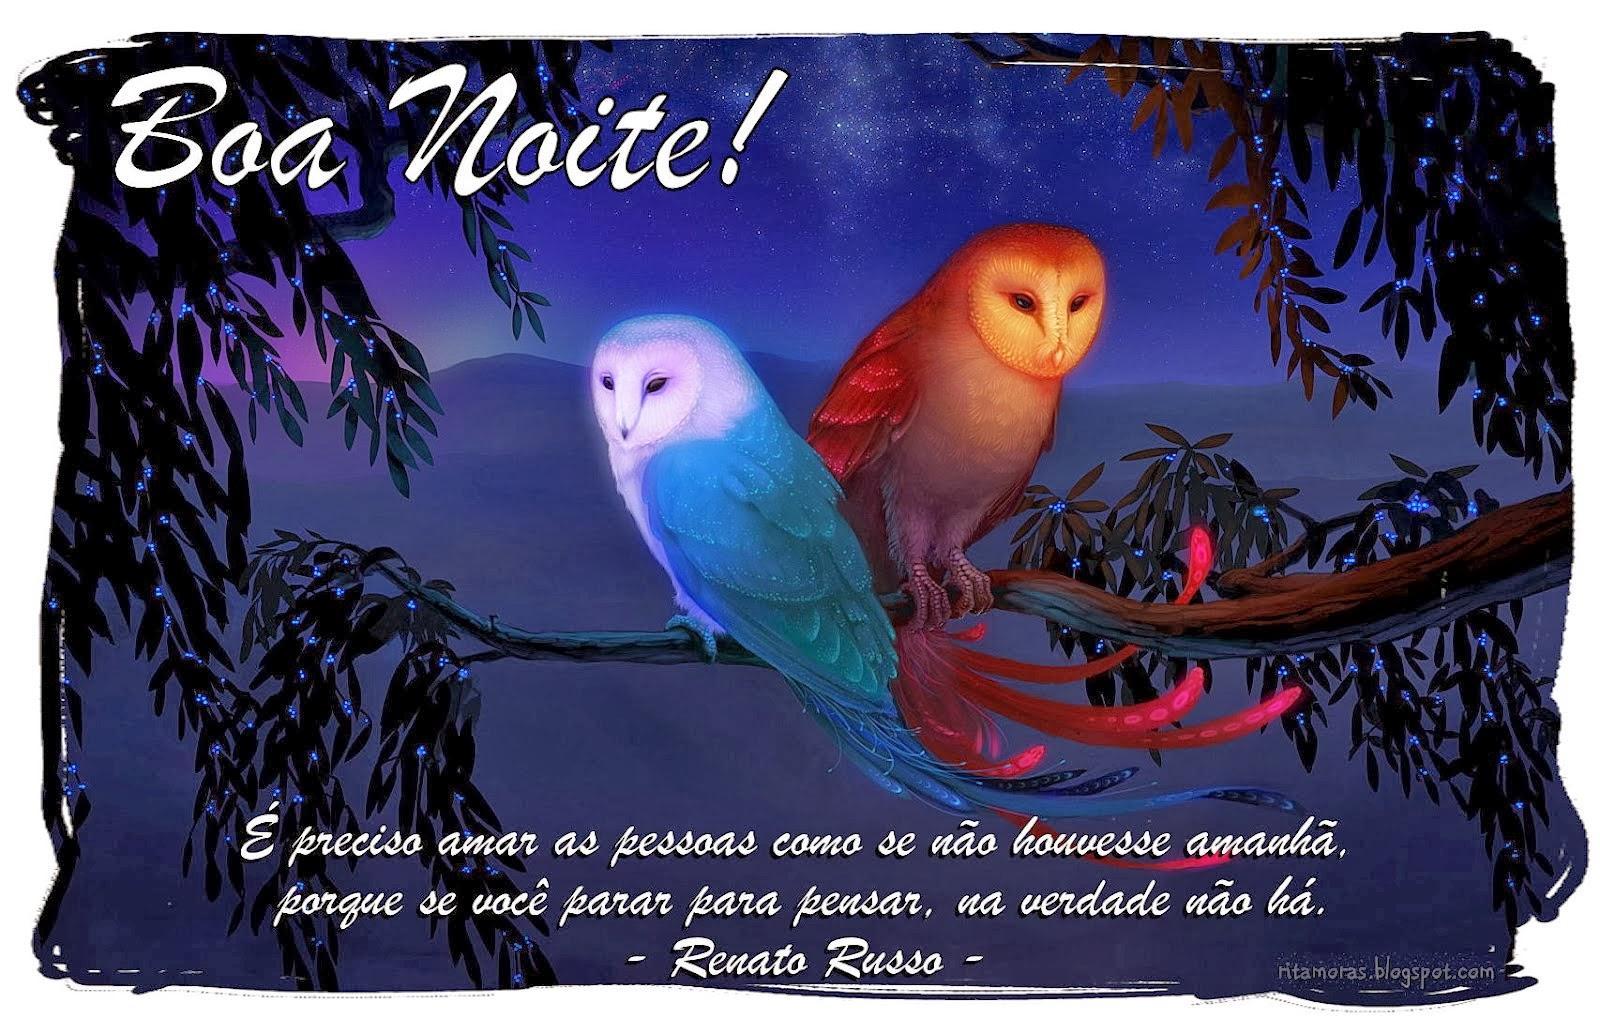 Mensagens De Boa Noite Sexta Feira: Mensagens Para Facebook: Frases De Boa Noite Msg